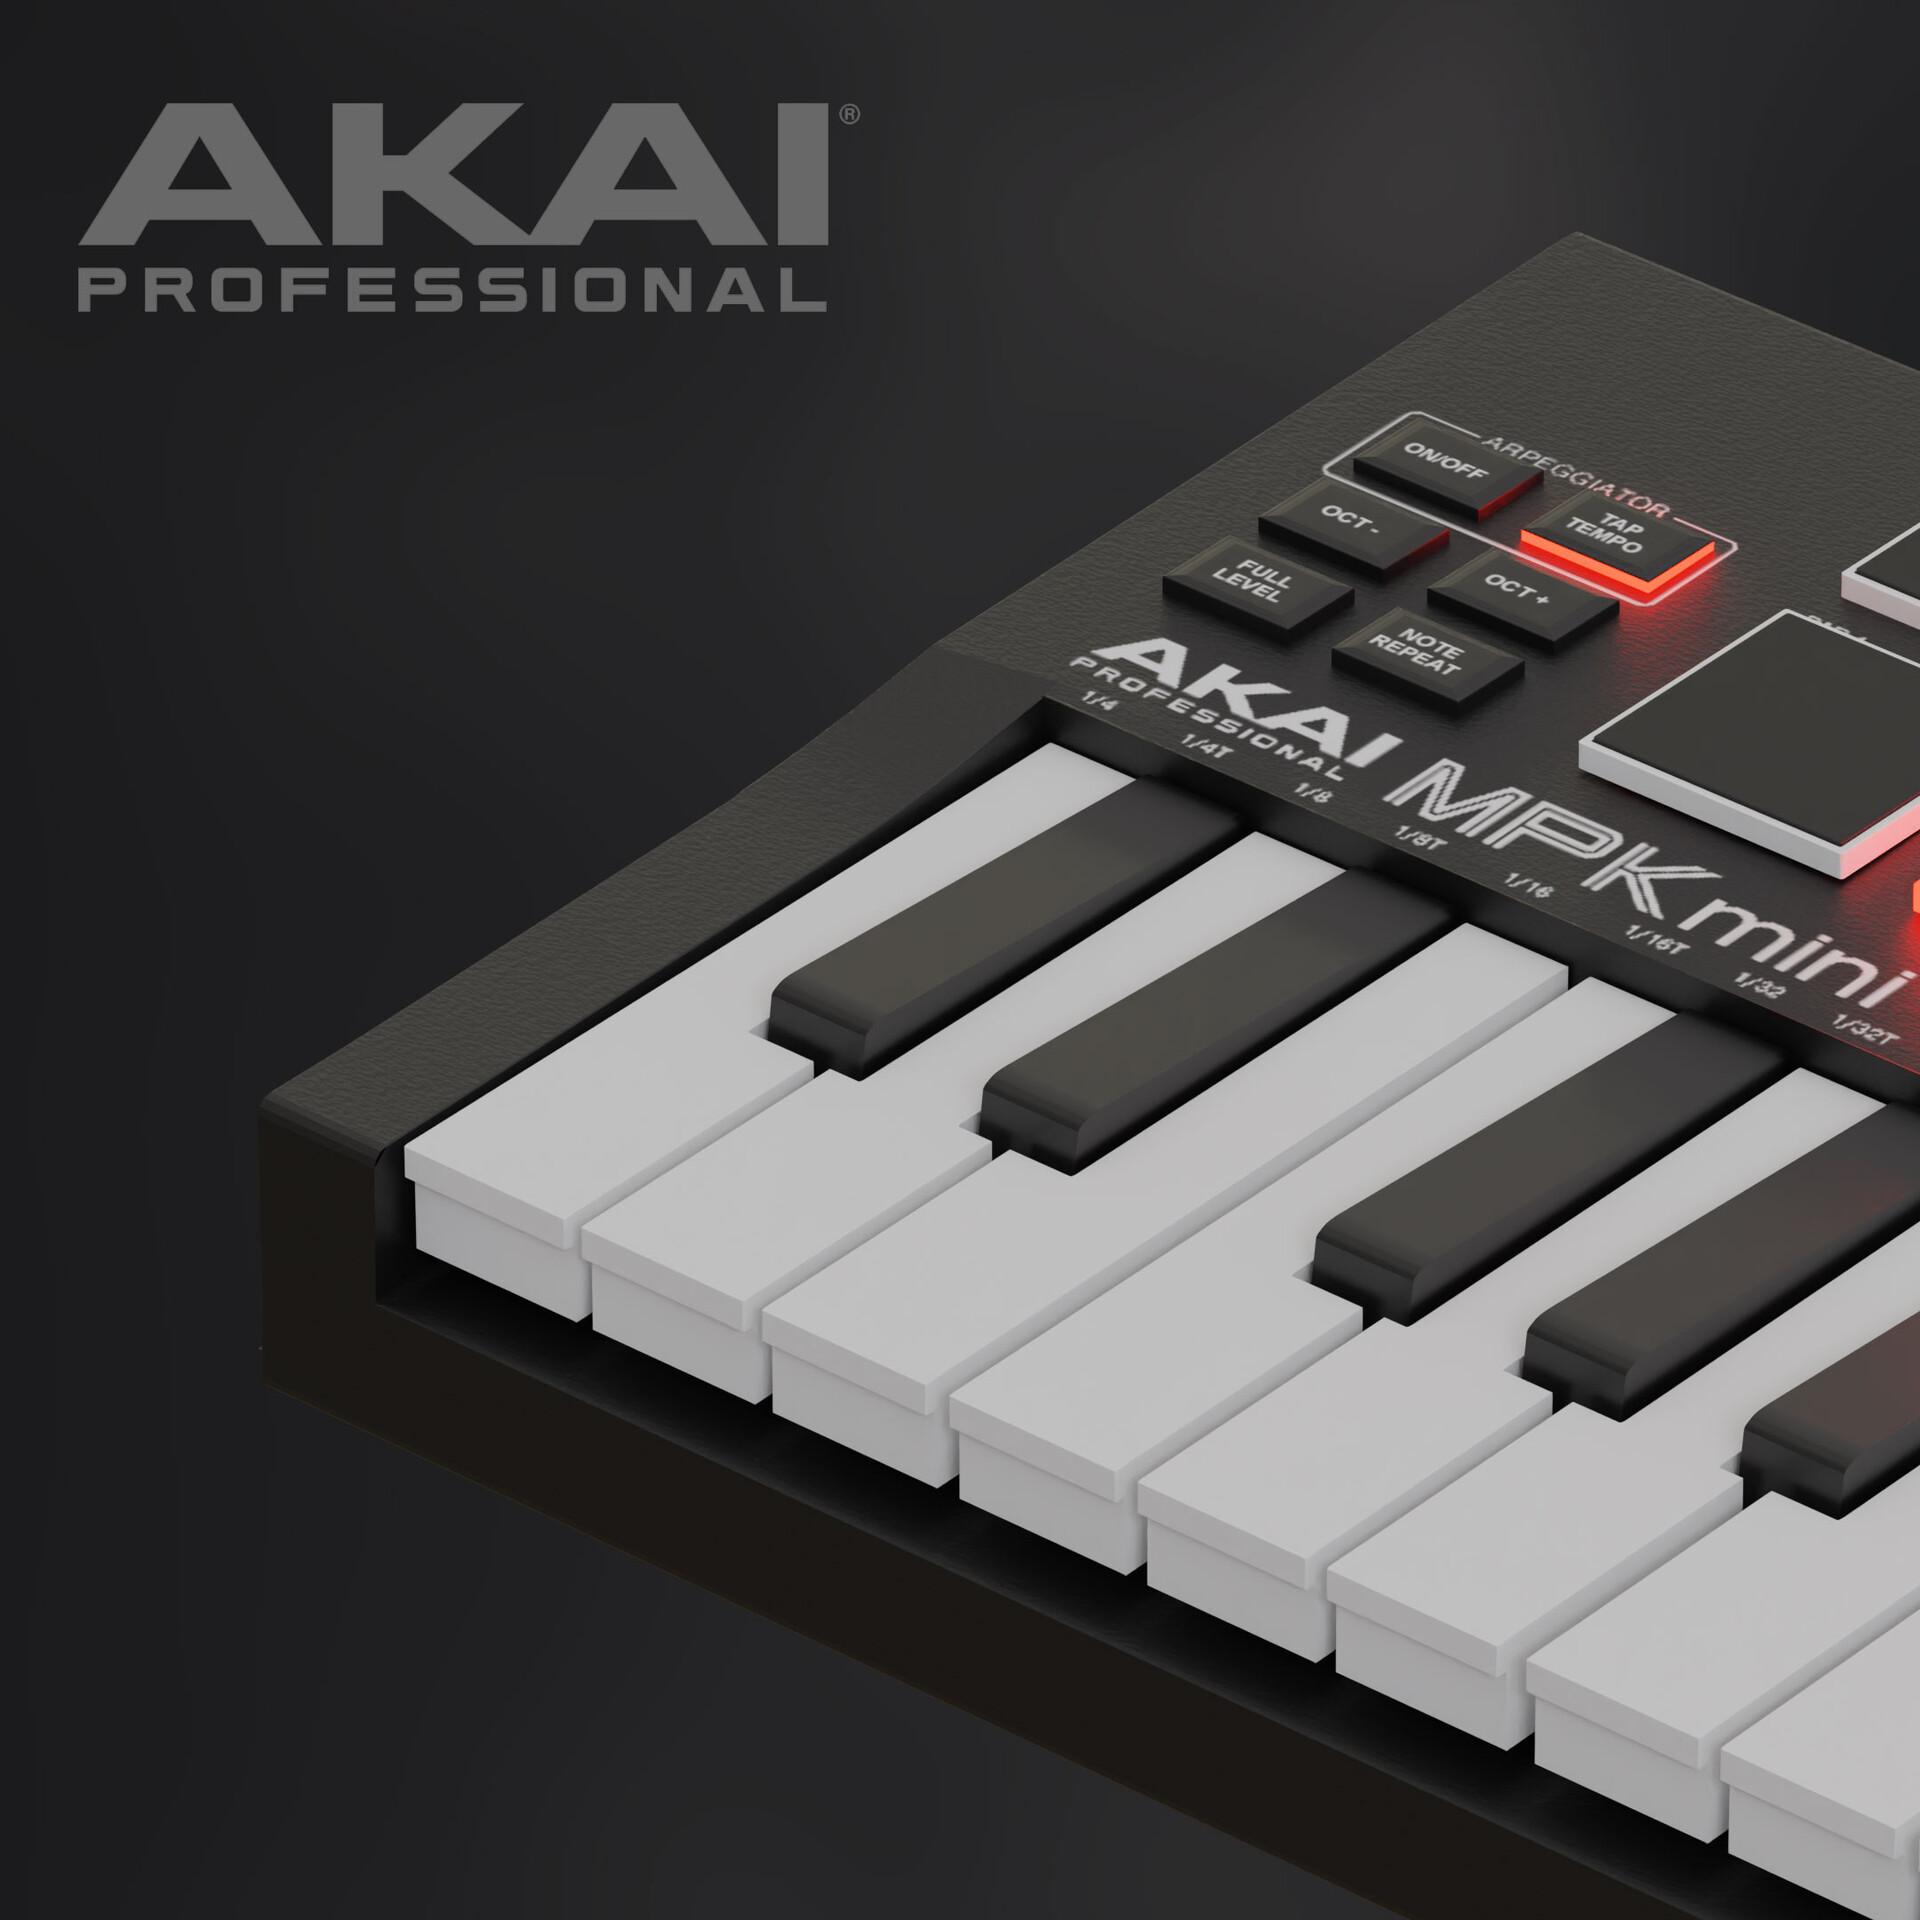 AKAI MPK mini product modeling